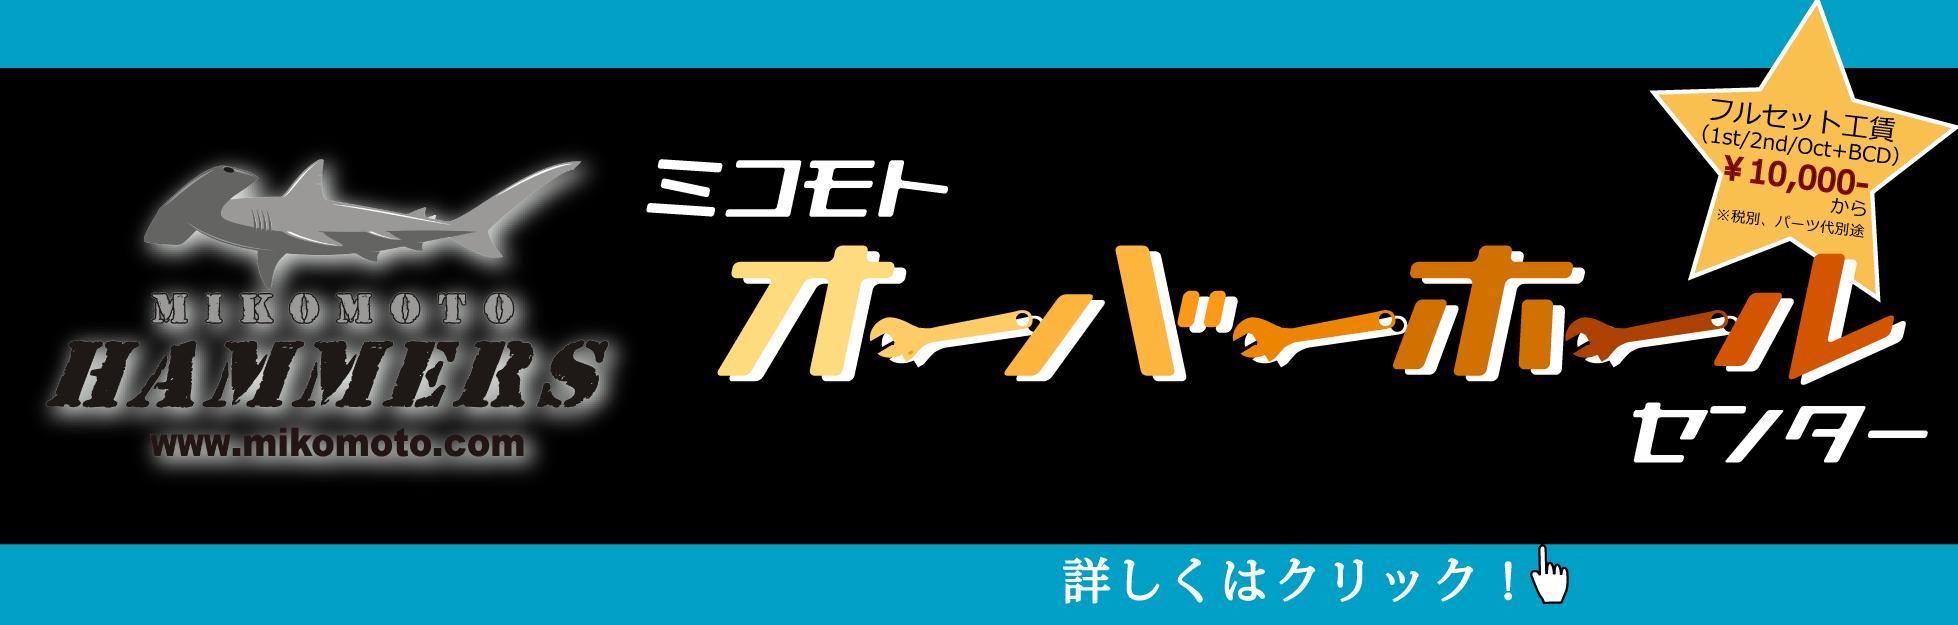 神子元オーバーホールセンター通年営業開始!